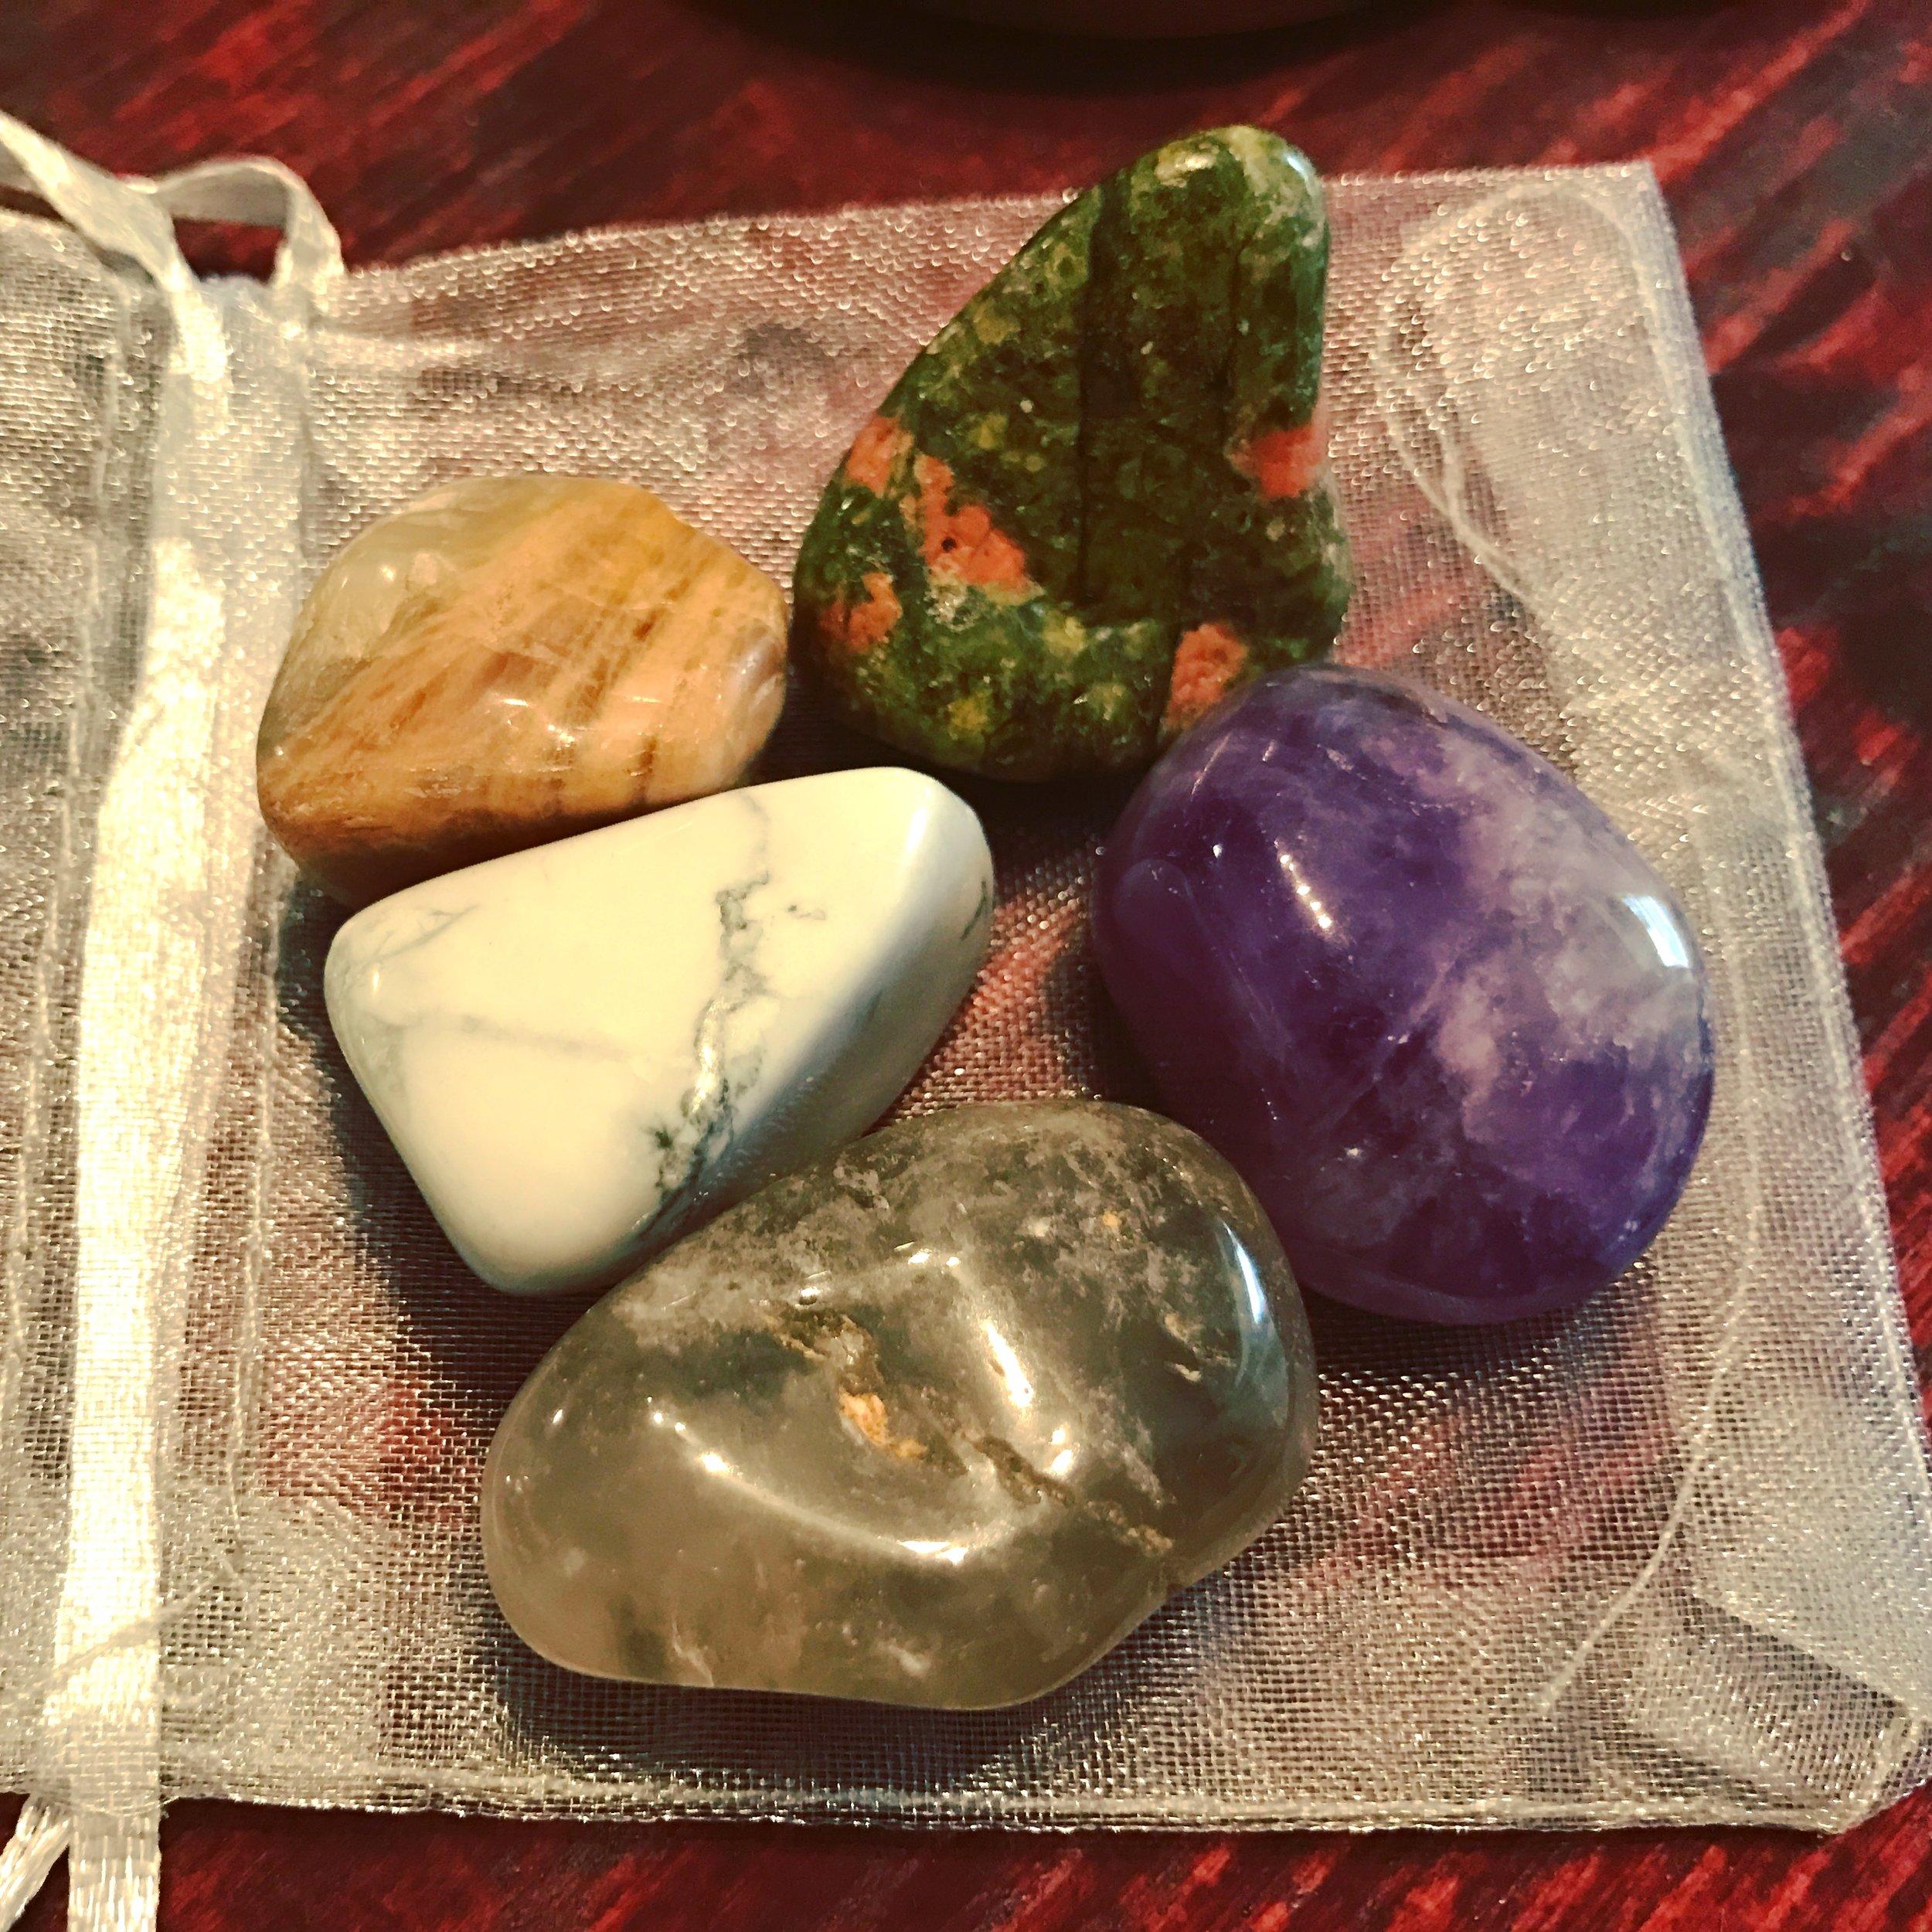 healing crystals bag for sleep